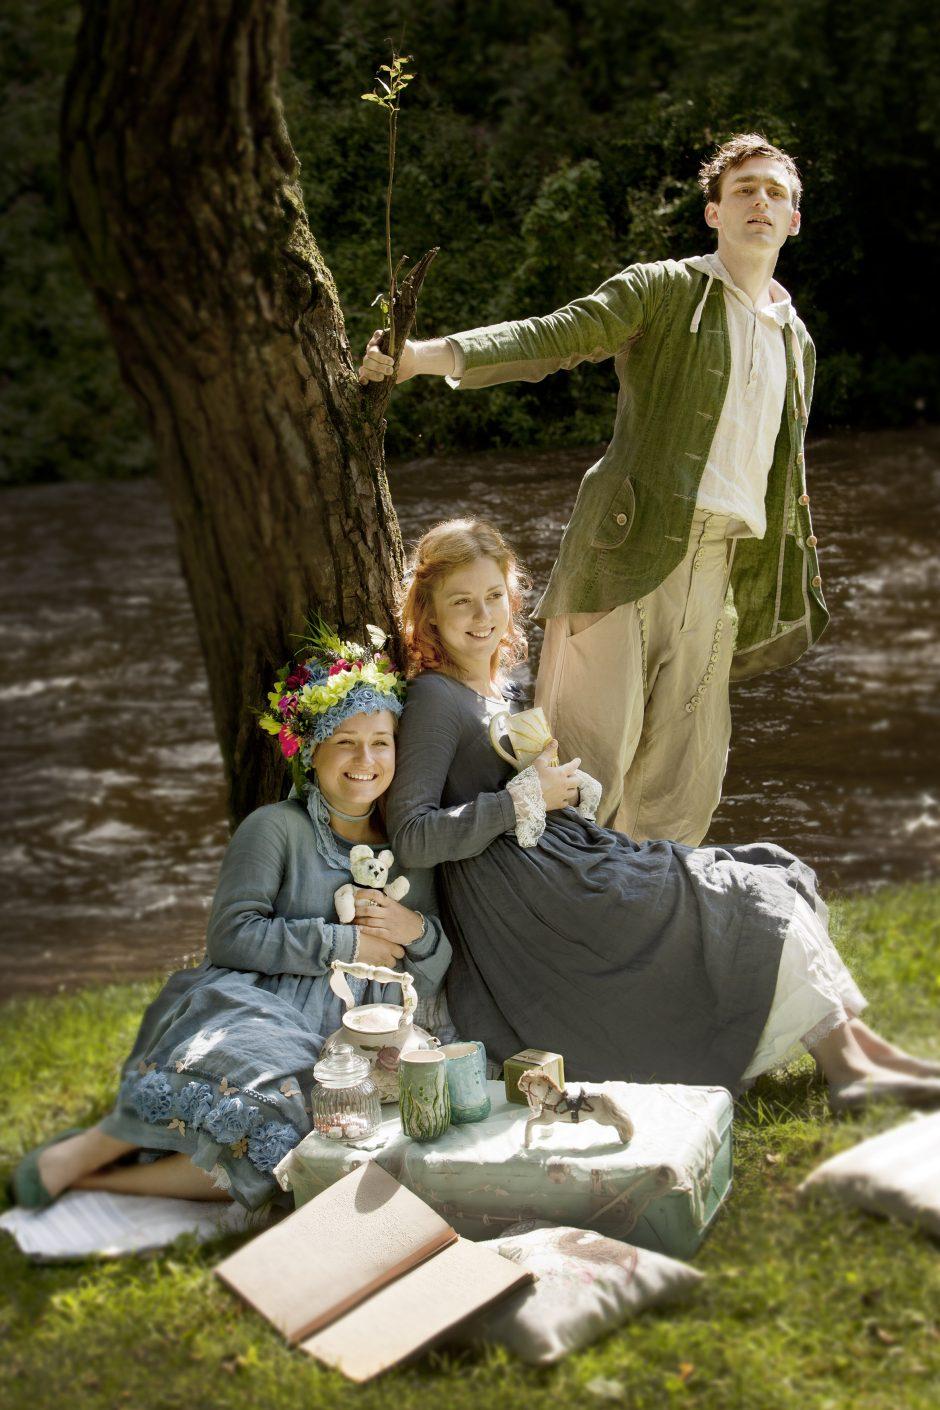 Aktorė R. Dominaitytė: kai kiti stojamiesiems ruošė etiudus, aš ploviau indus